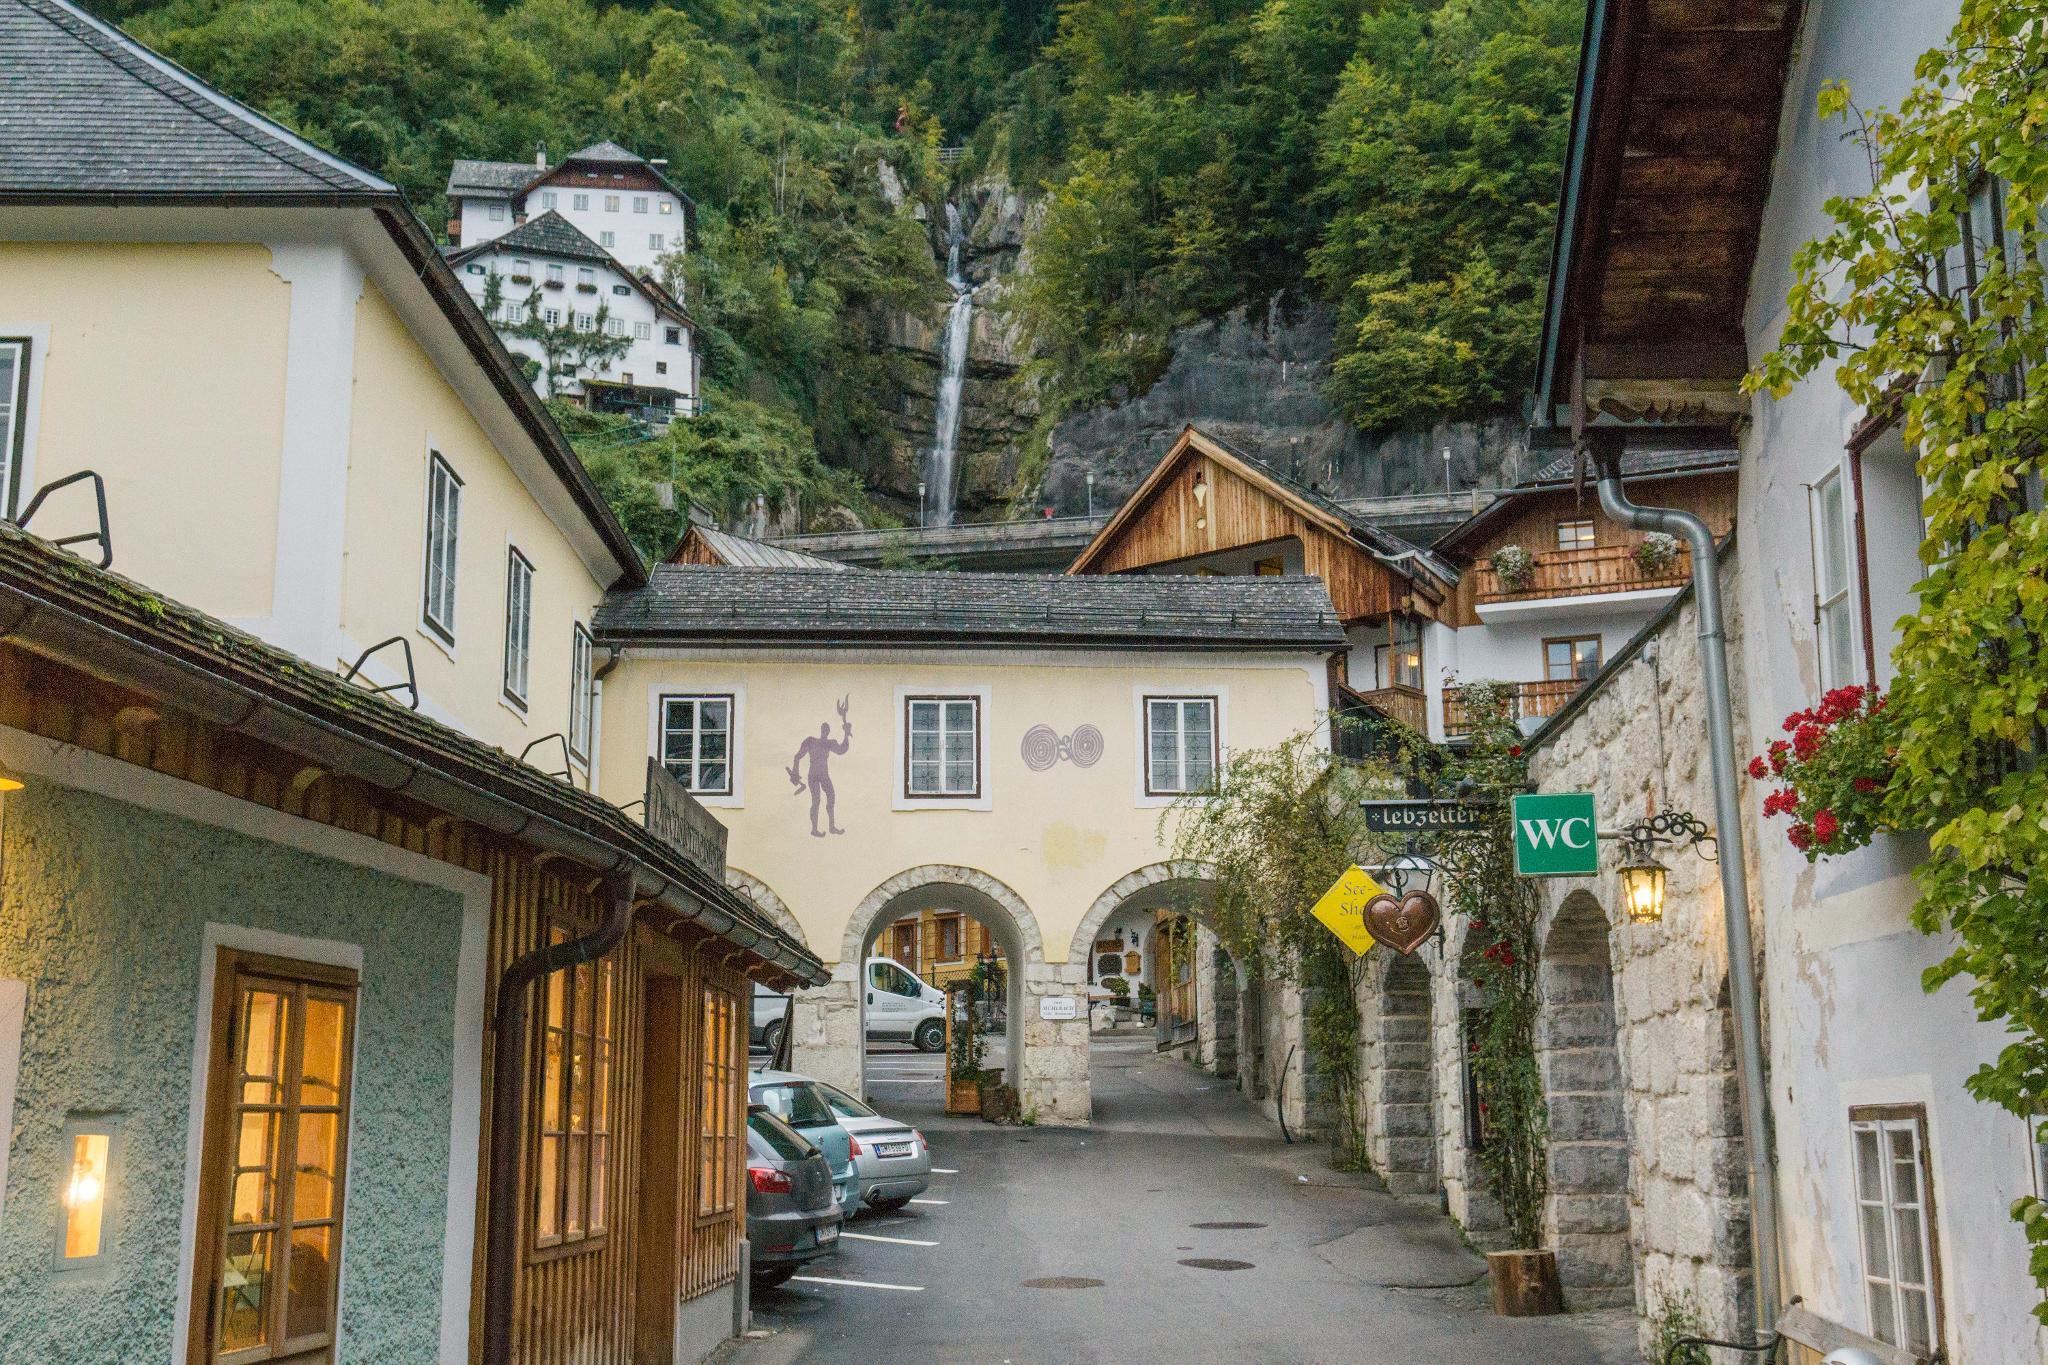 【奧地利】童話仙境 Hallstatt 哈修塔特 — 追逐世界遺產小鎮的夢幻黃金日出 35